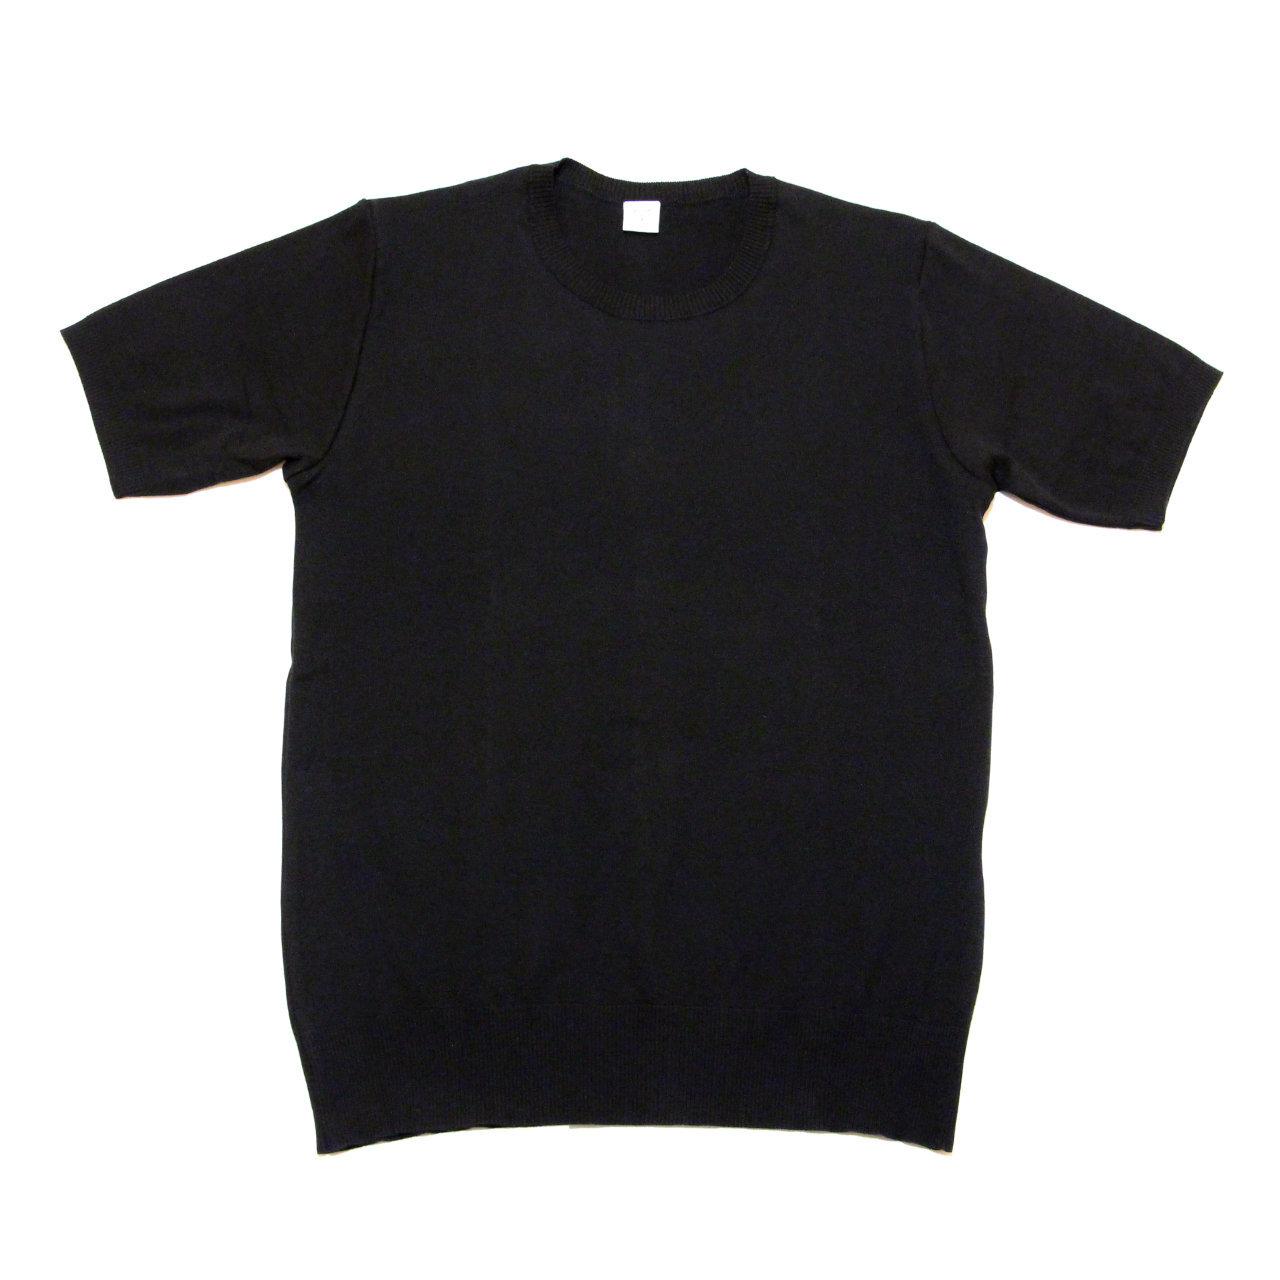 【gicipi】 イタリア製 コットン ニット クルーネック Tシャツ (Giro Collo MM 2006 P) 〈Black〉